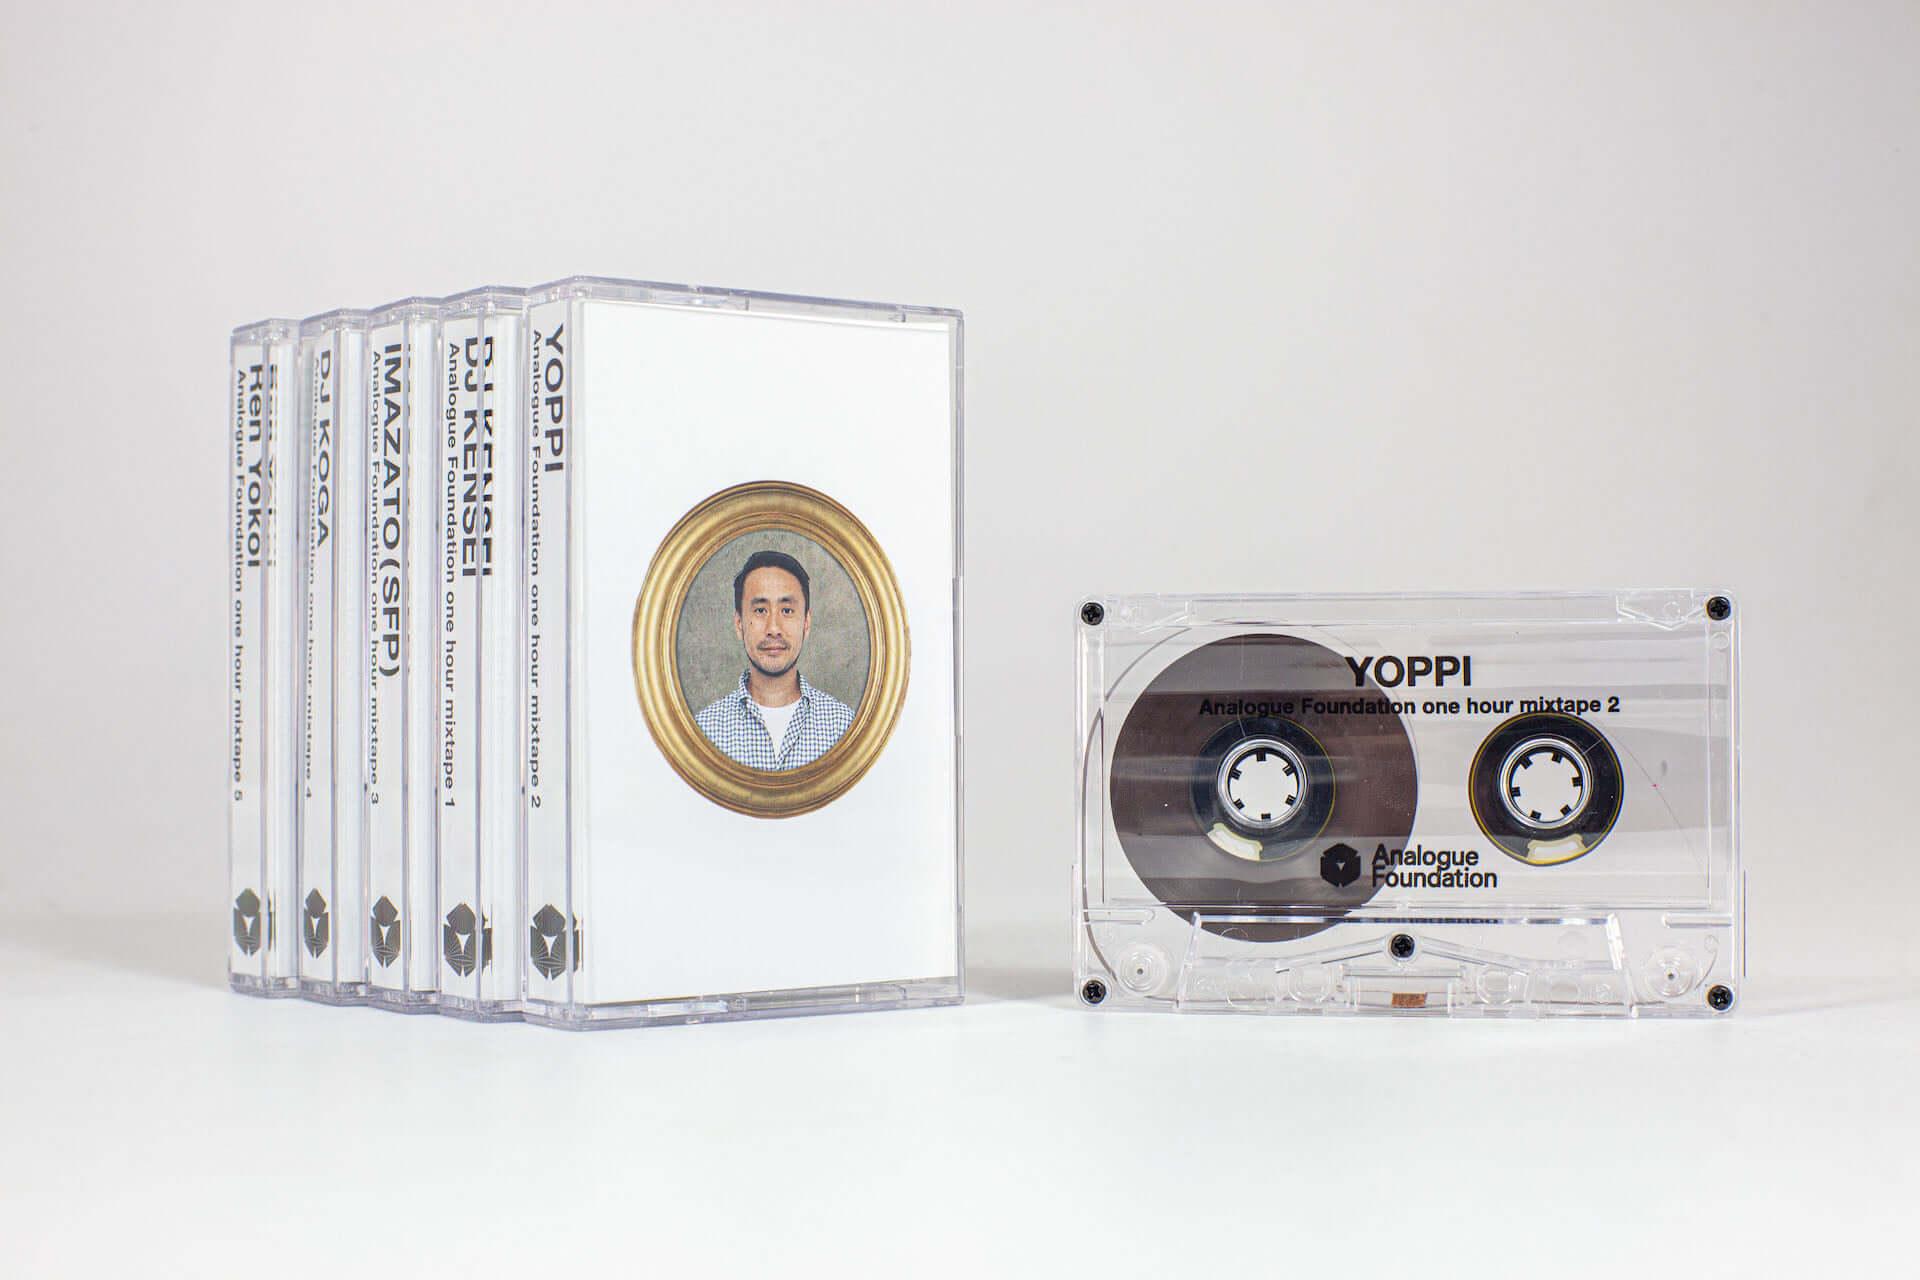 オーディオテクニカ発プロジェクト「Analogue Foundation」からミックステープシリーズが始動!DJ KENSEI、YOPPI、Ren Yokoiらが参加 music201124_analoguefoundation_2-1920x1280